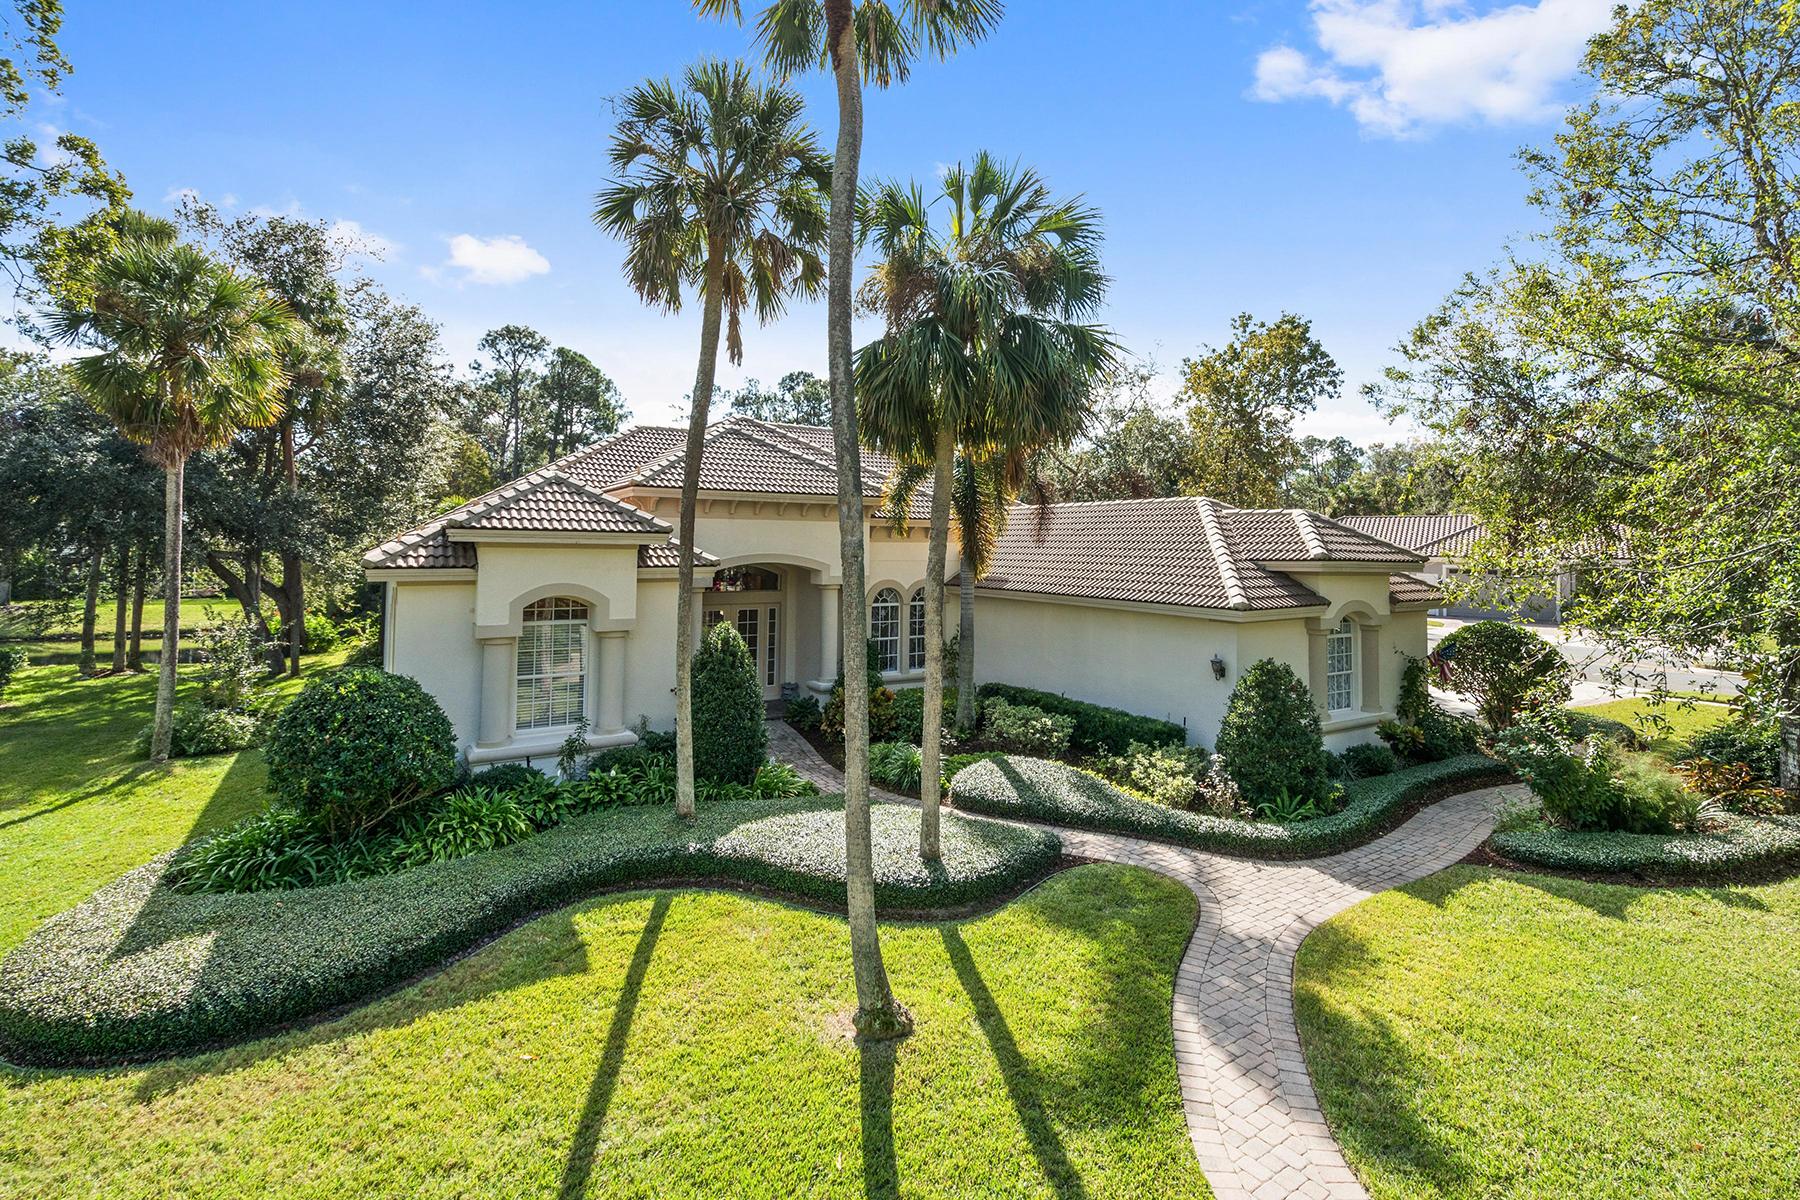 Casa Unifamiliar por un Venta en 4892 Shoreline Cir , Sanford, FL 32771 4892 Shoreline Cir Sanford, Florida 32771 Estados Unidos